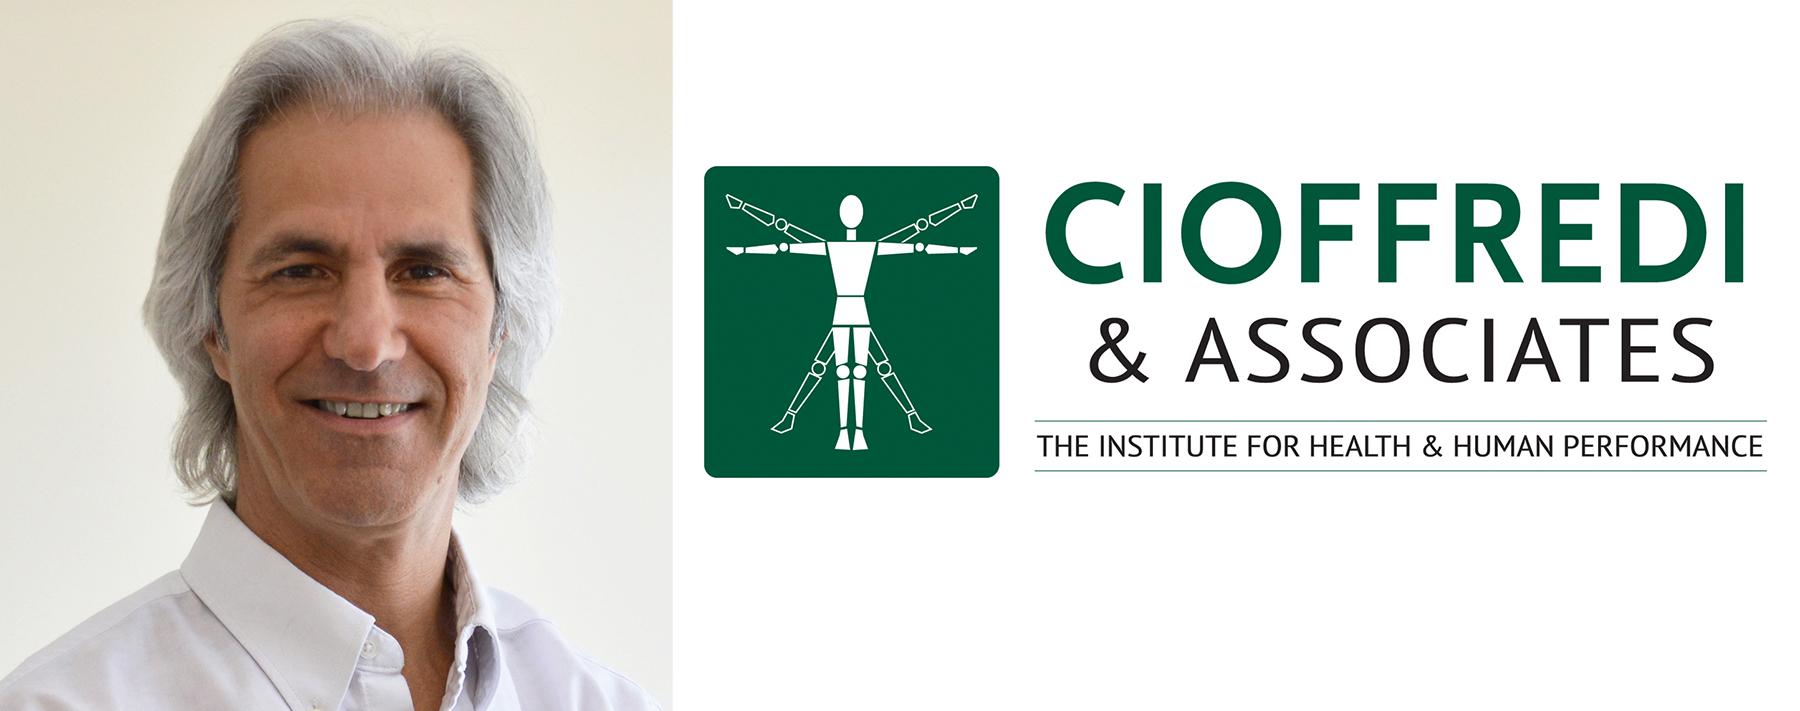 Bill Cioffredi, PT, Cioffredi & Associates Founder